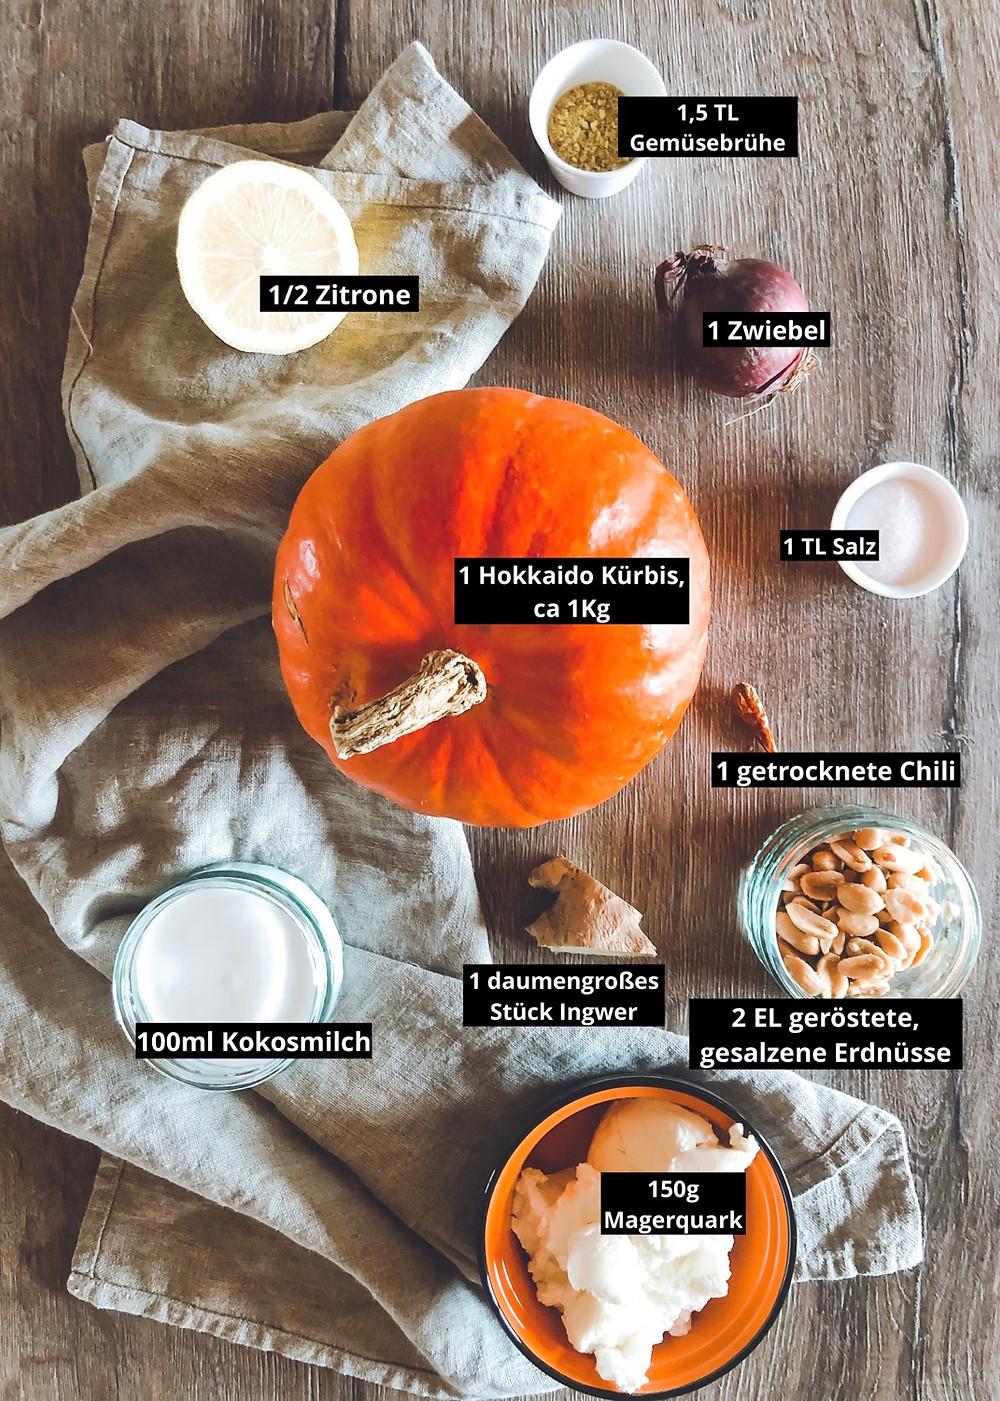 focusflowfood focus flow food Kürbissuppe Kokosmilch Thermomix gesund kalorienarm einfaches Rezept schnell